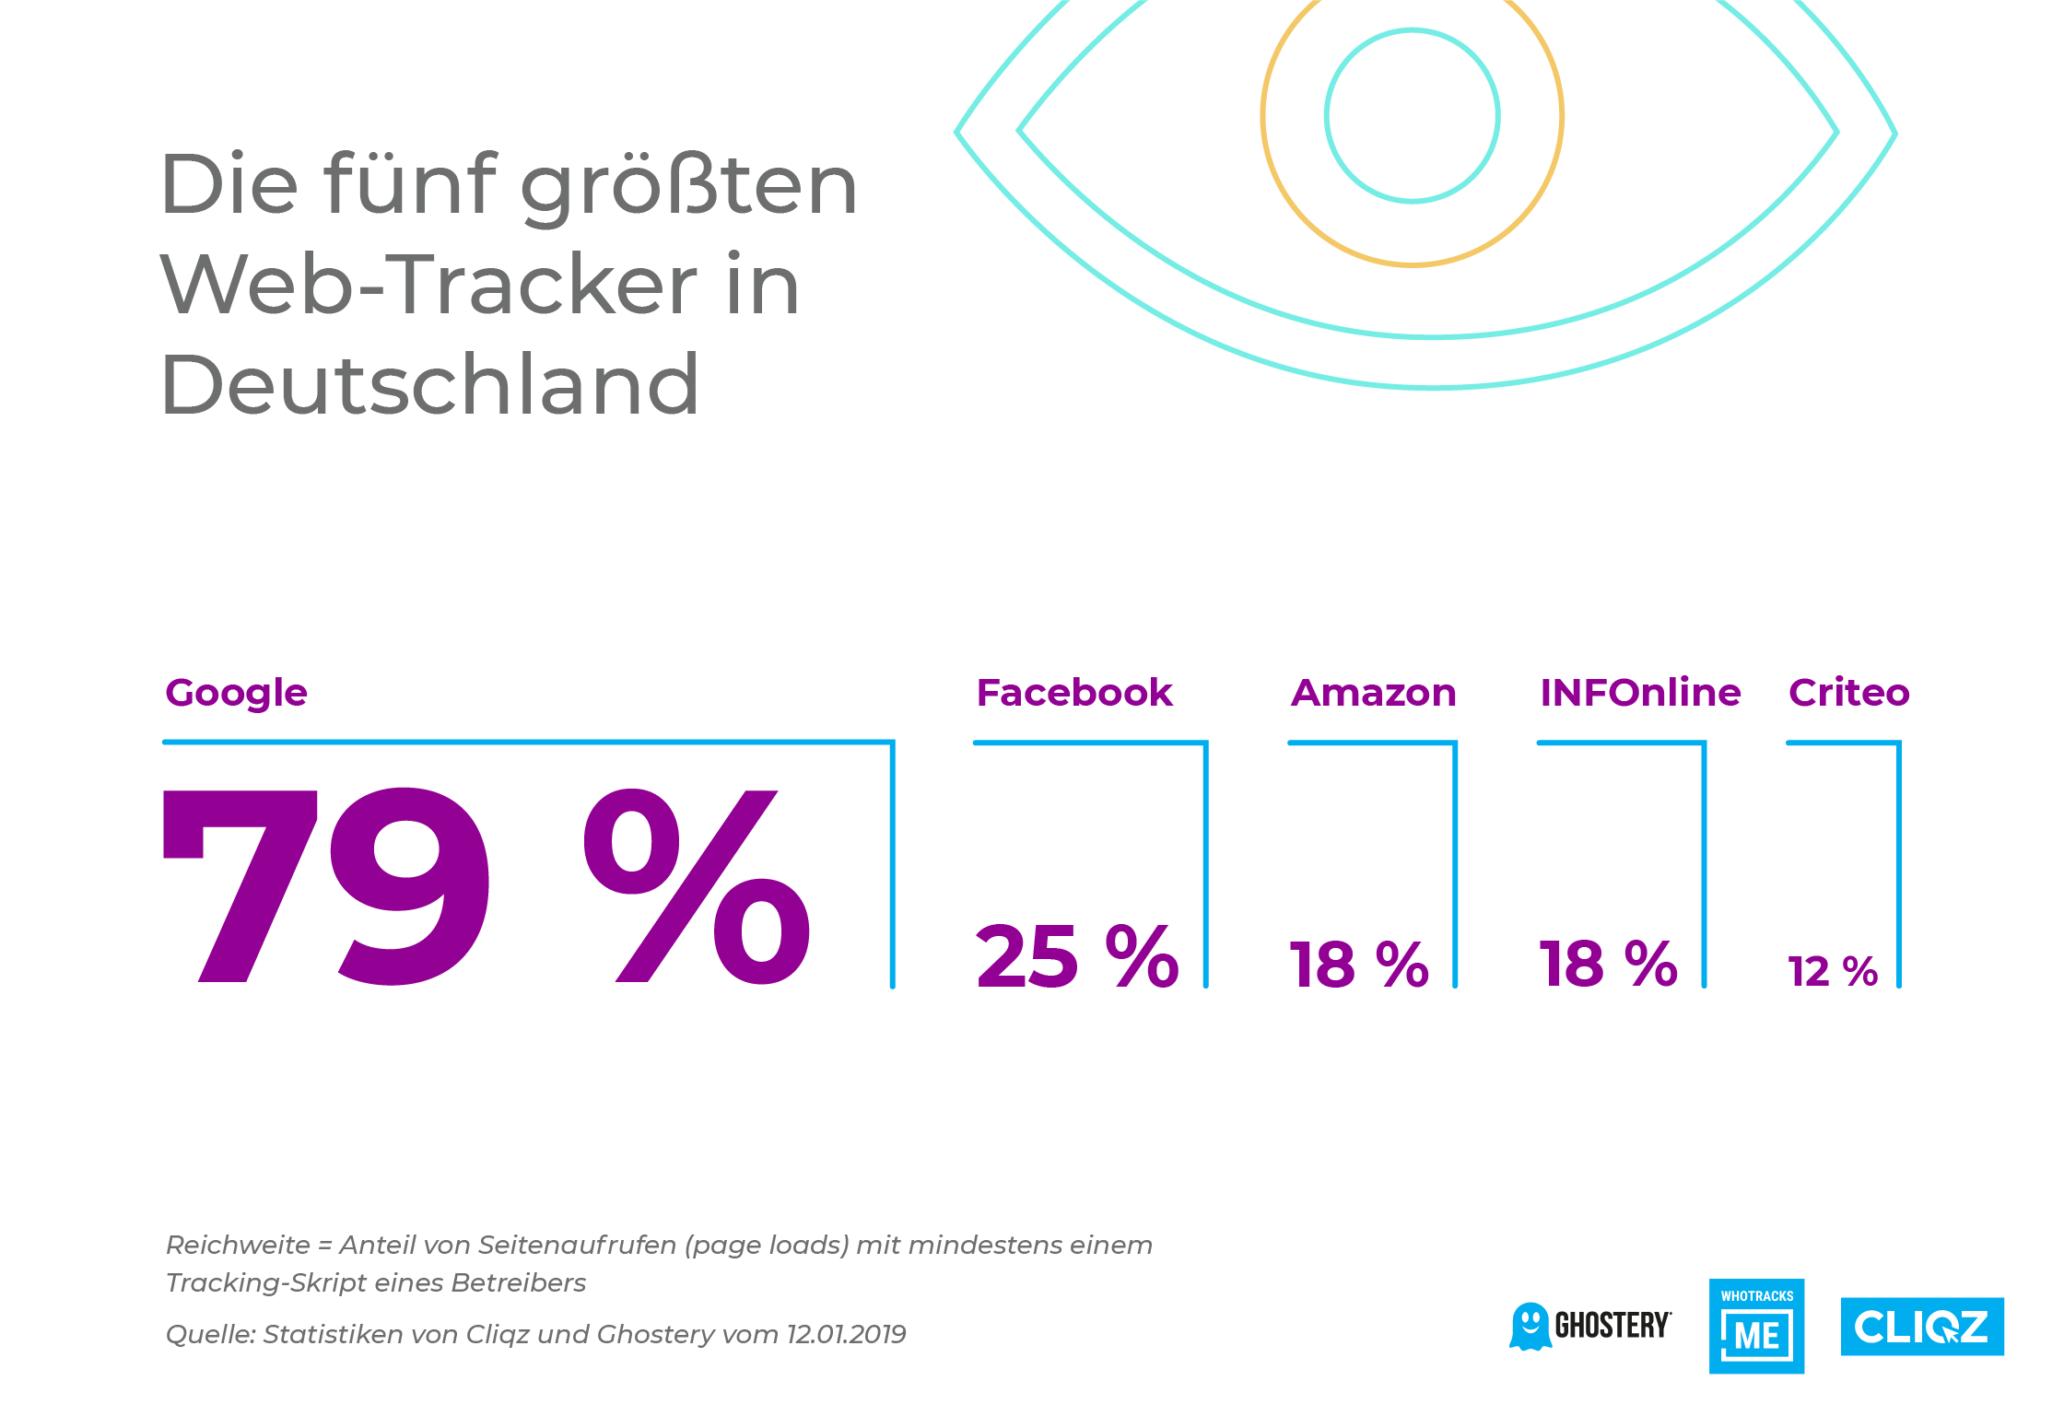 Top 5 Web-Tracker in Deutschland